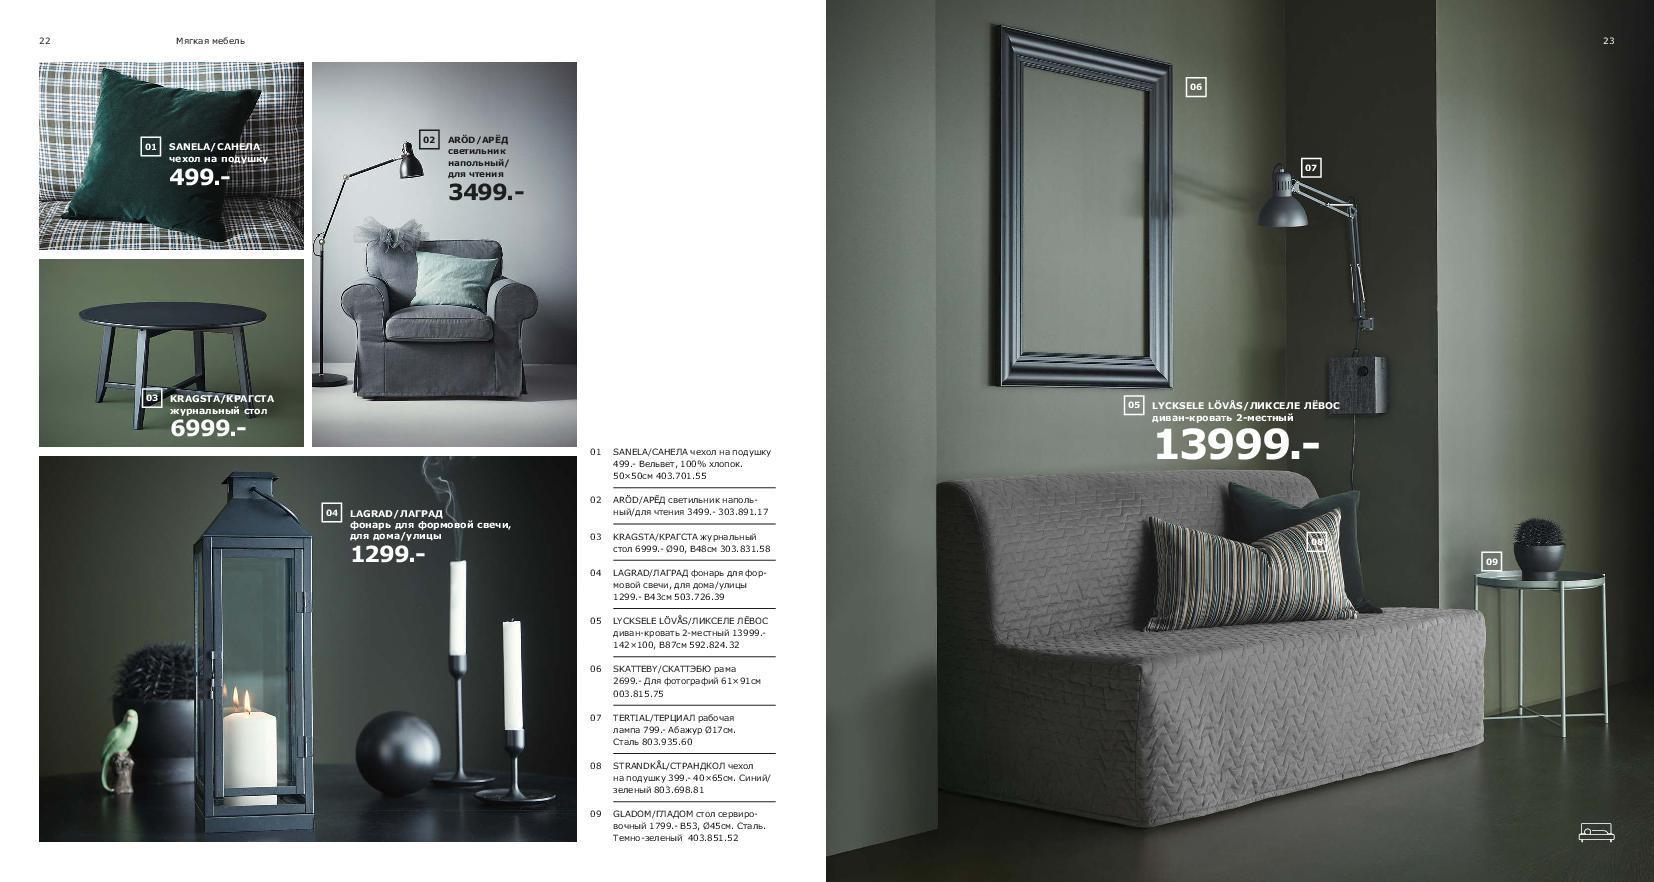 IKEA_catalogue_2019-12